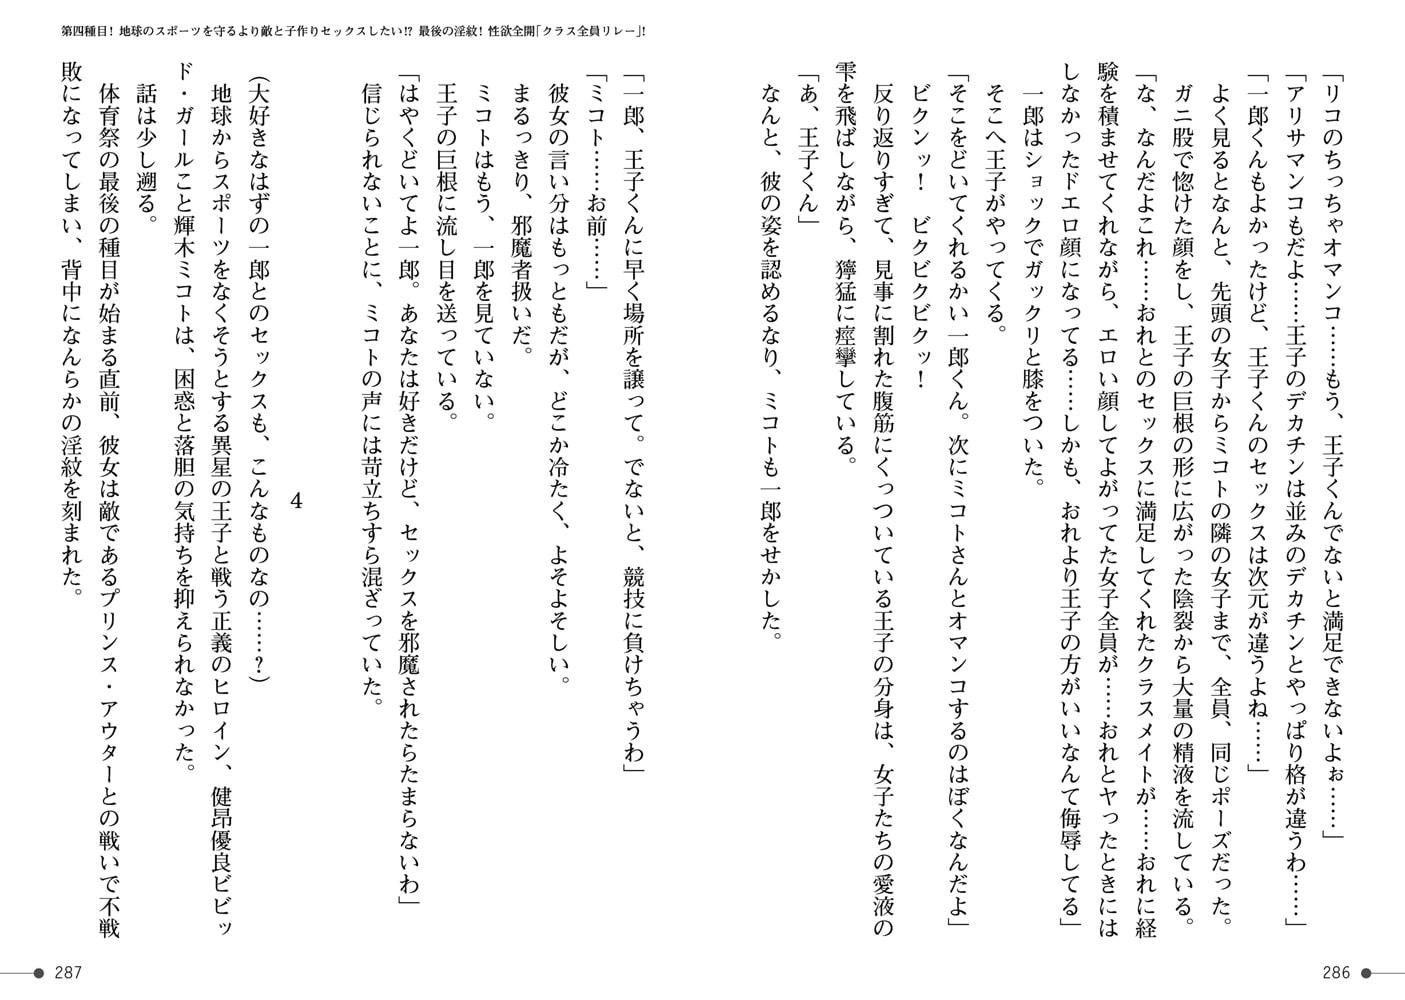 健昂優良ビビッド・ガール 淫らな体育祭で寝取られる淫紋ヒロインのサンプル画像3